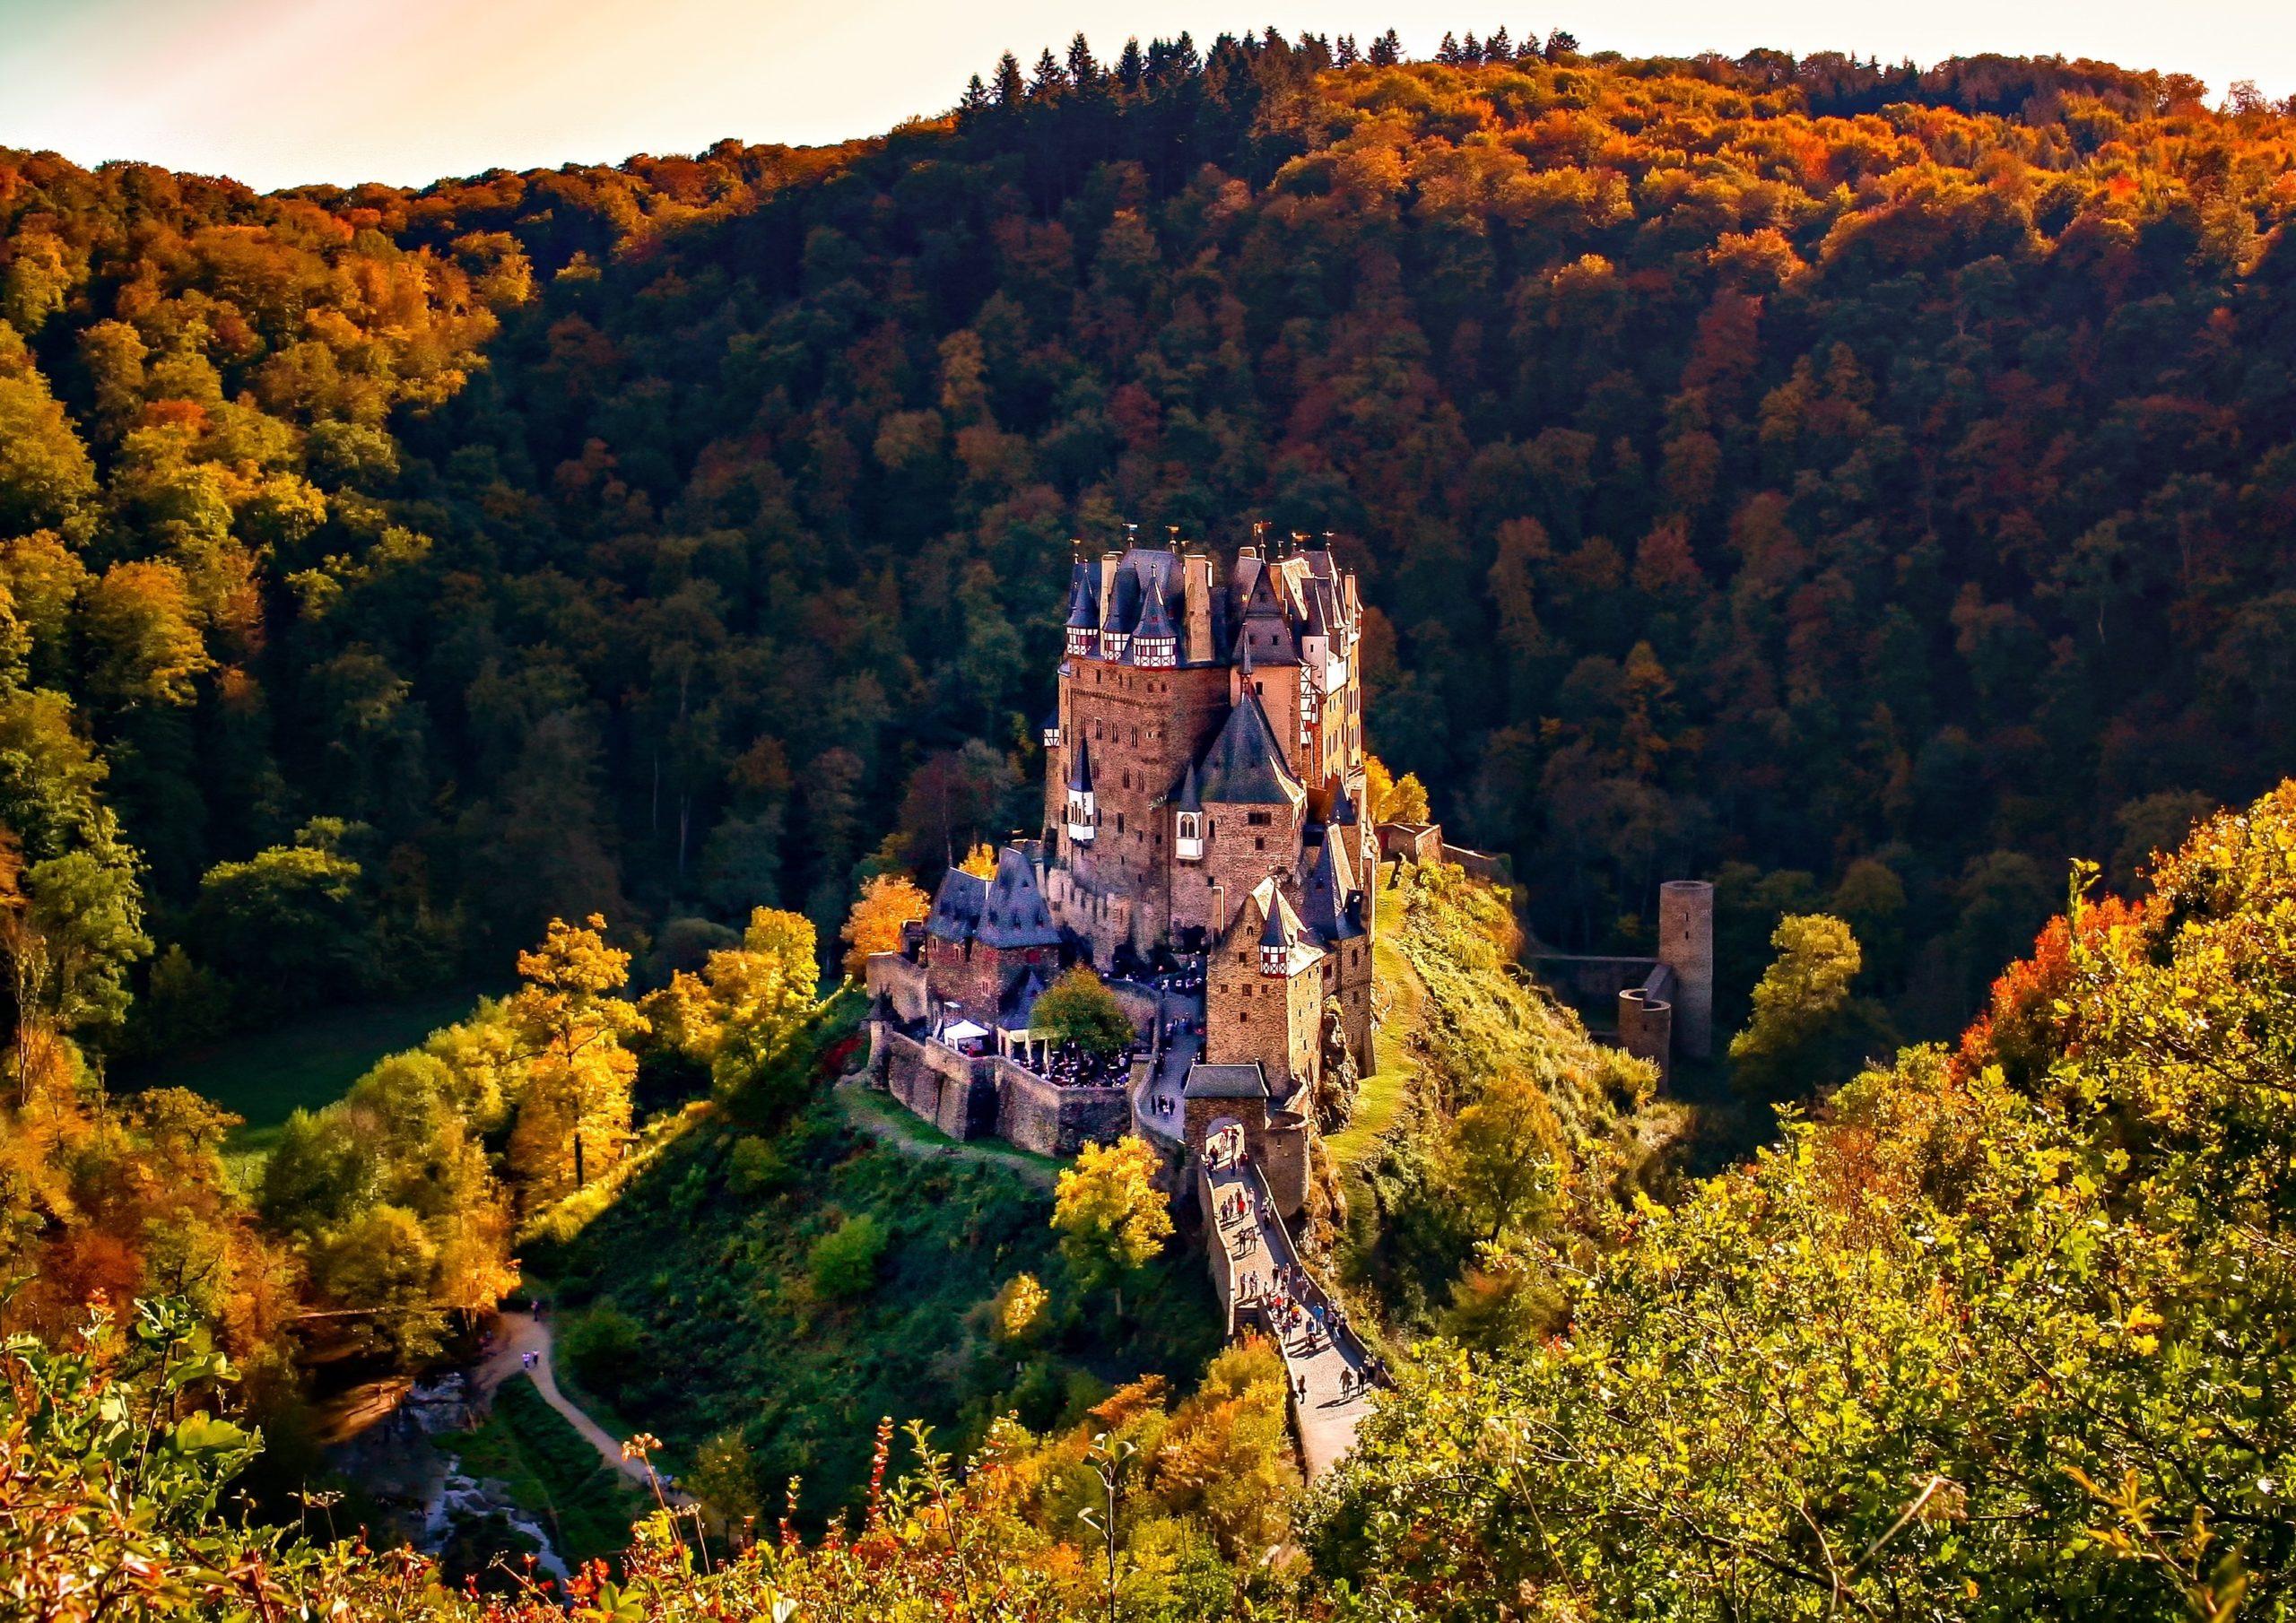 【ドイツSNS映えスポット】三大美城の一つ エルツ城  (Burg Eltz)